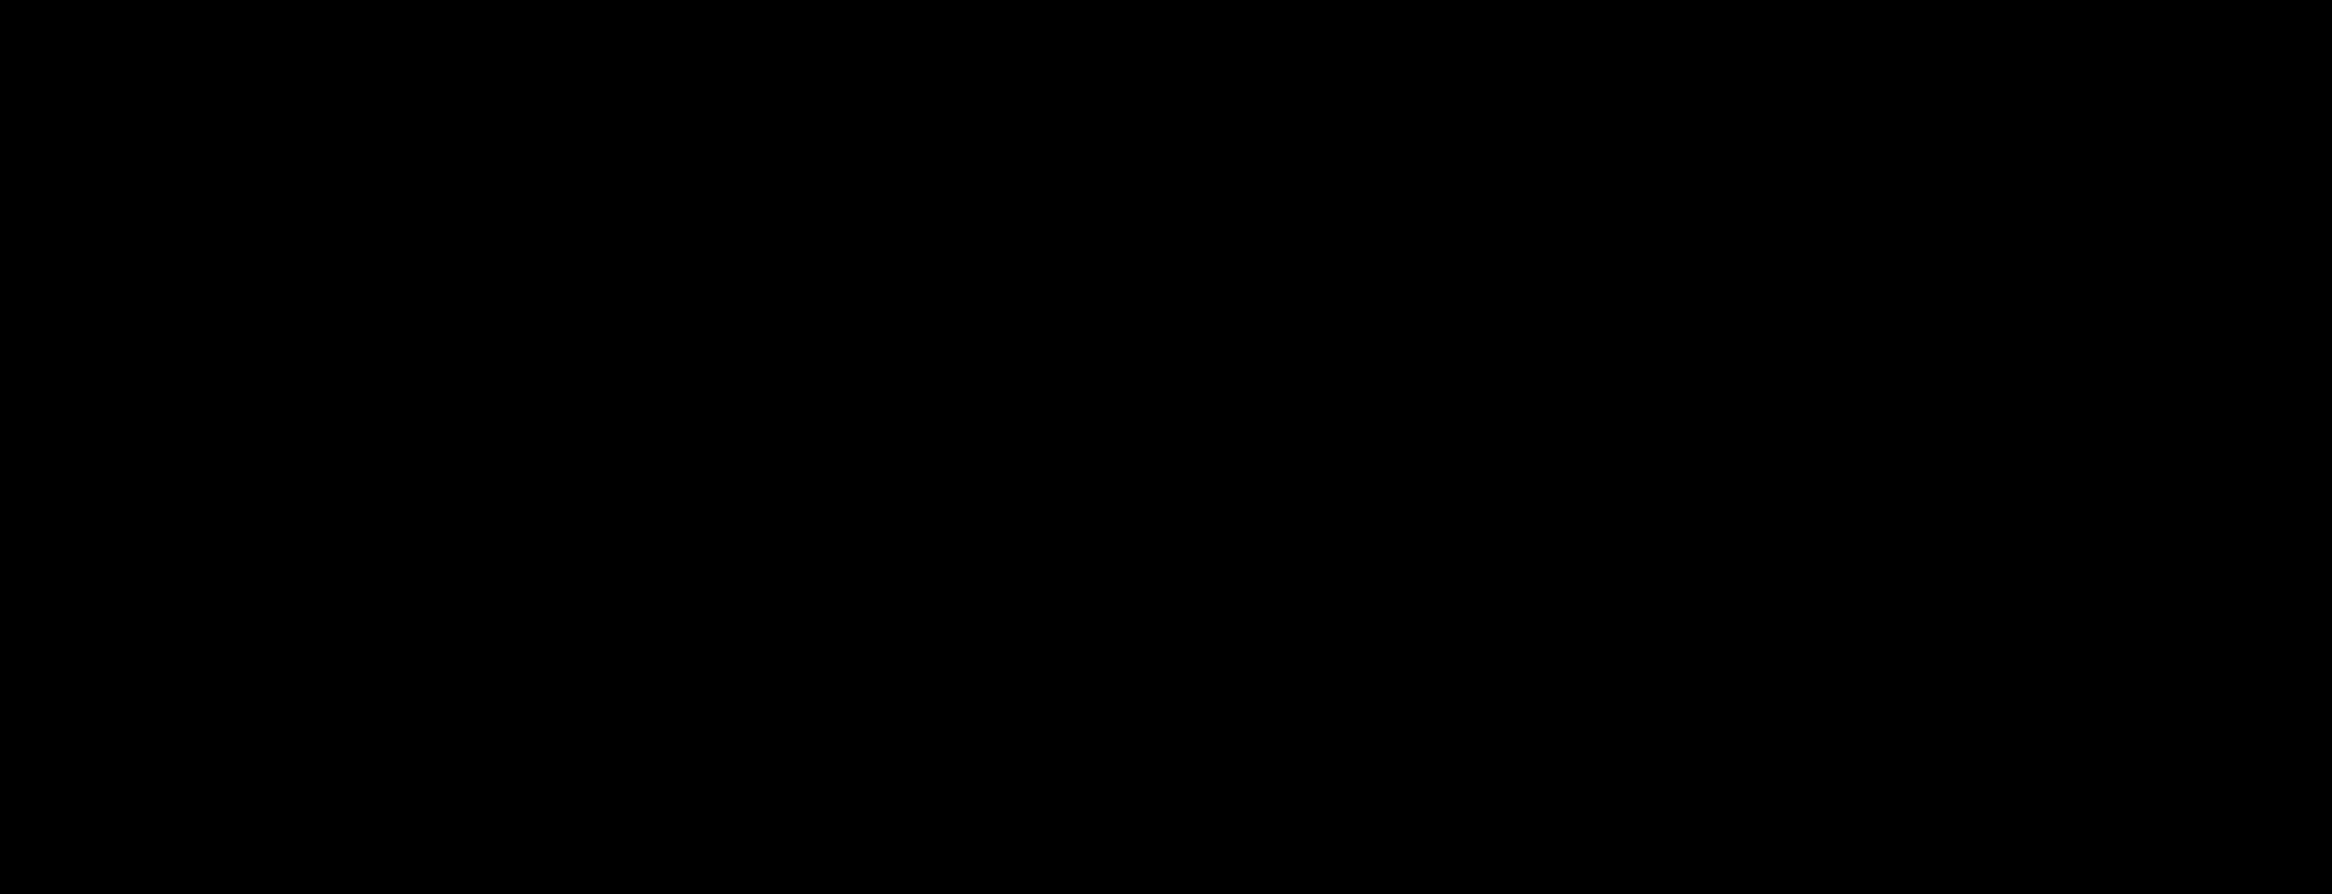 Biotin-acyclovir